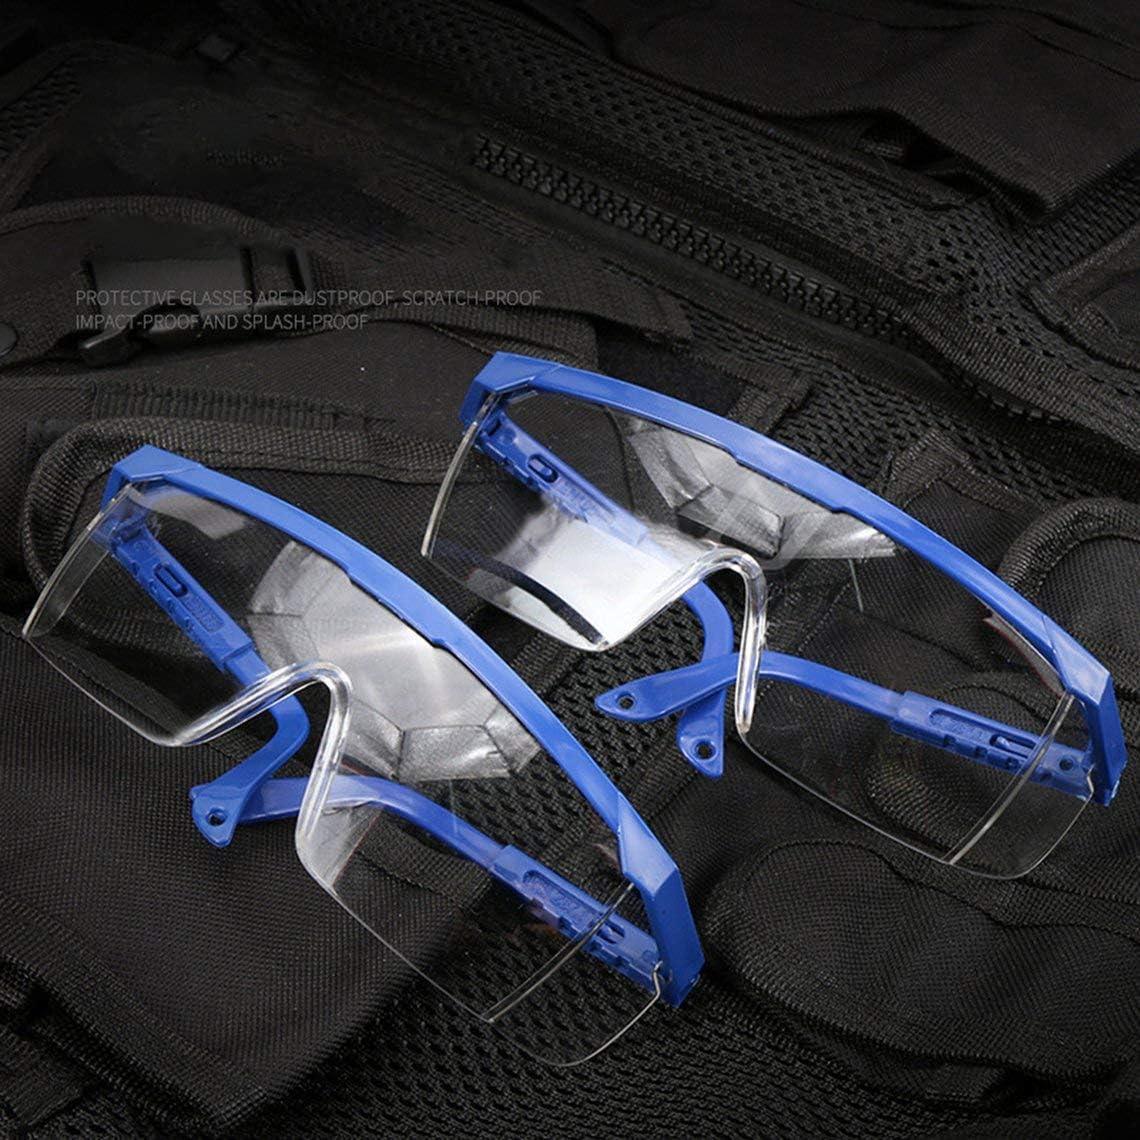 Isolierschutzbrille Isolation Atmungsaktive Anti-Spuck-Schutzbrille Vollst/ändig klare Sicht Sicherheit Anti-Spritzwasser transparent DEjasnyfall